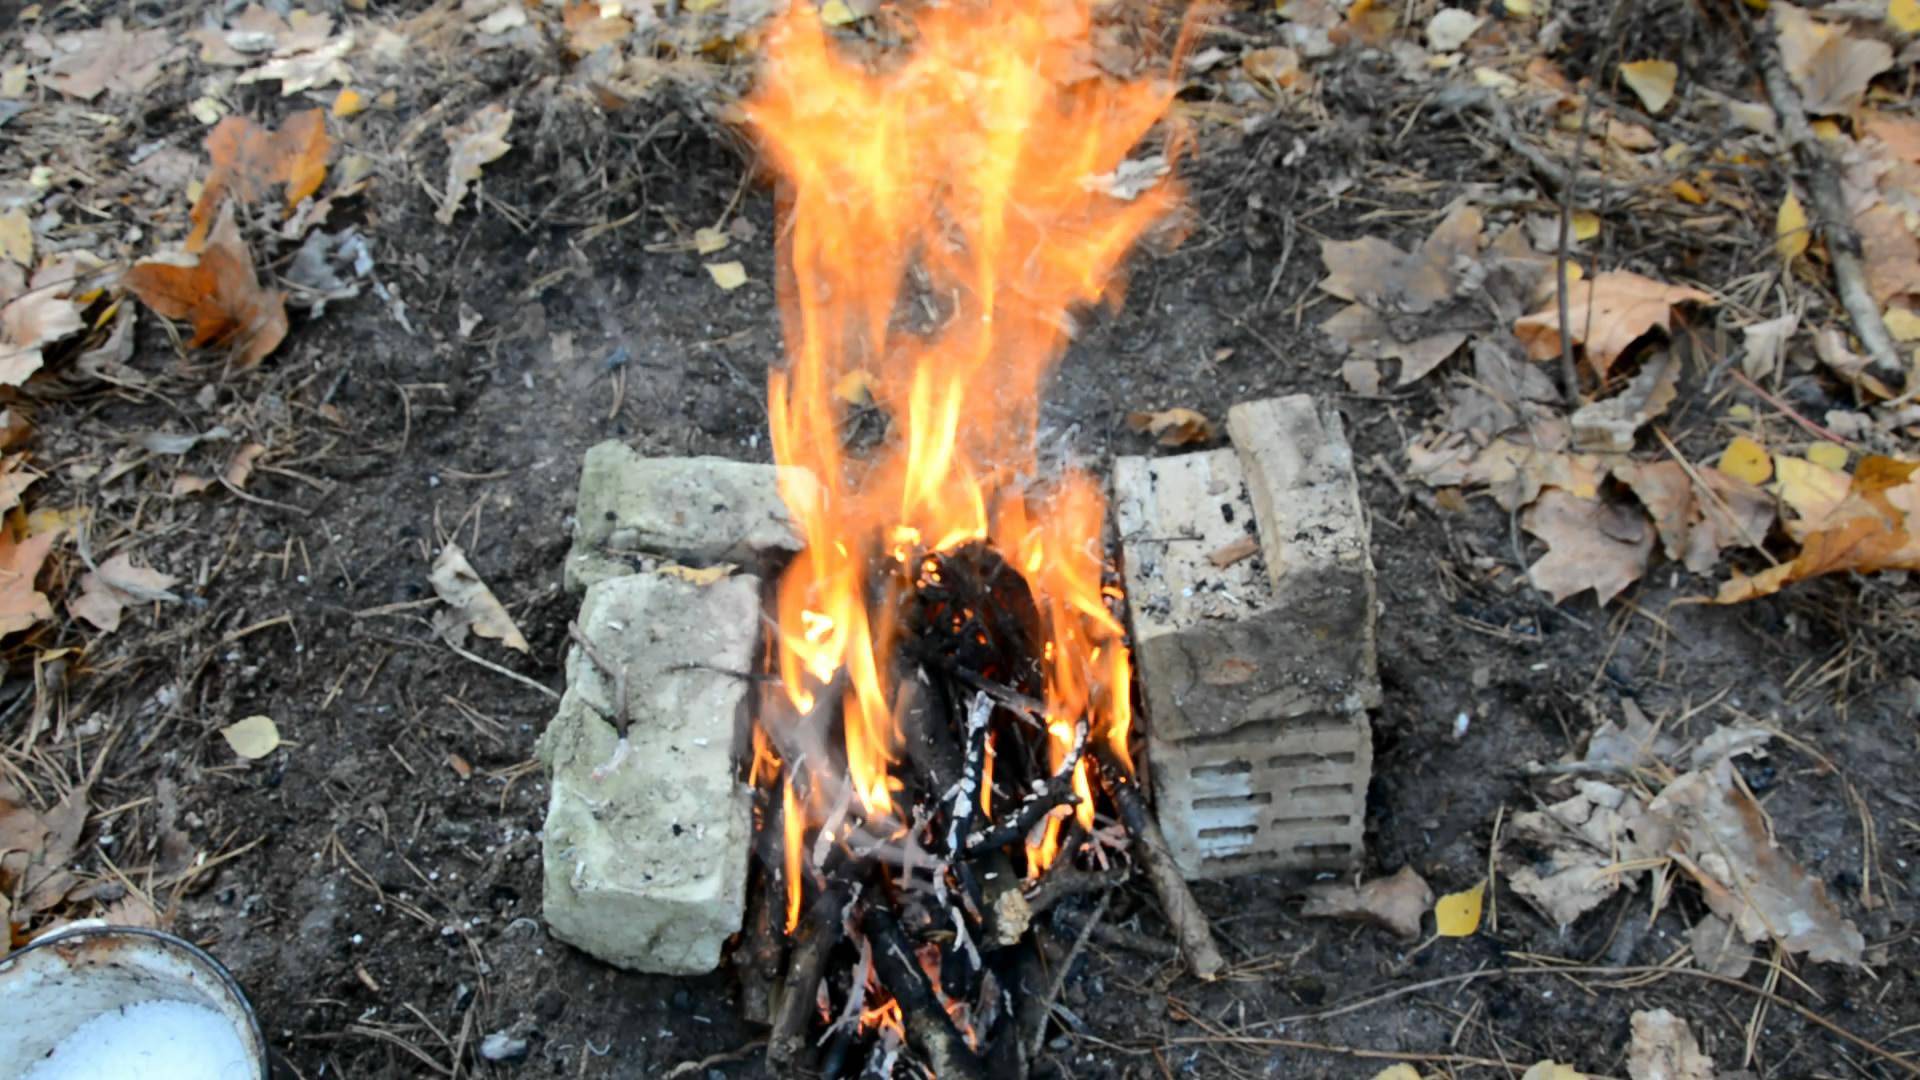 Нитрат аммония - 850 г и сахар - 150 г (горение смеси). Ammonium Nitrate and Sugar (burning of the mixture)